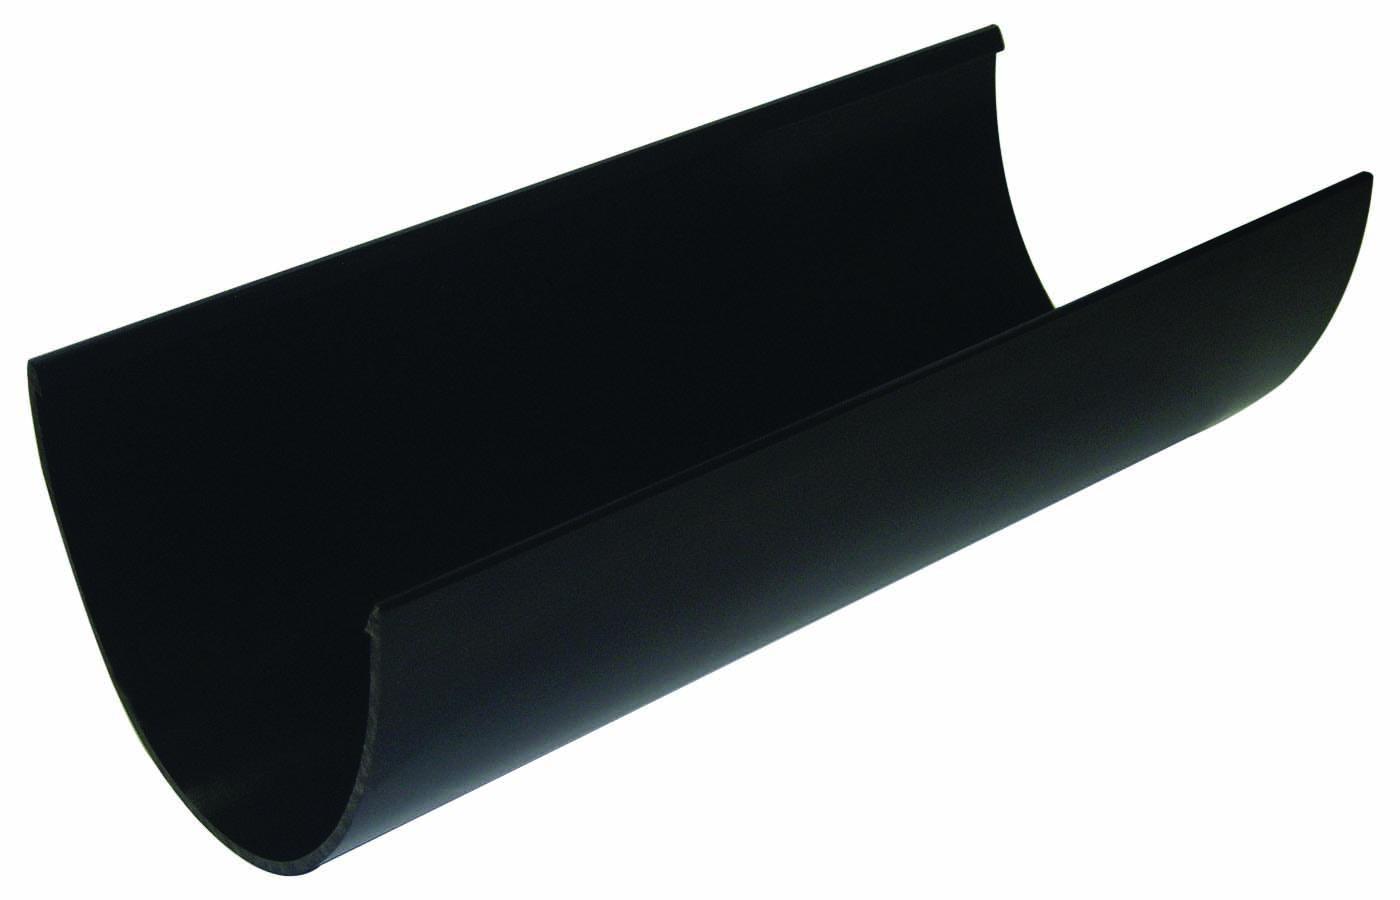 FLOPLAST HI-CAP GUTTER - RGH4 GUTTER - BLACK